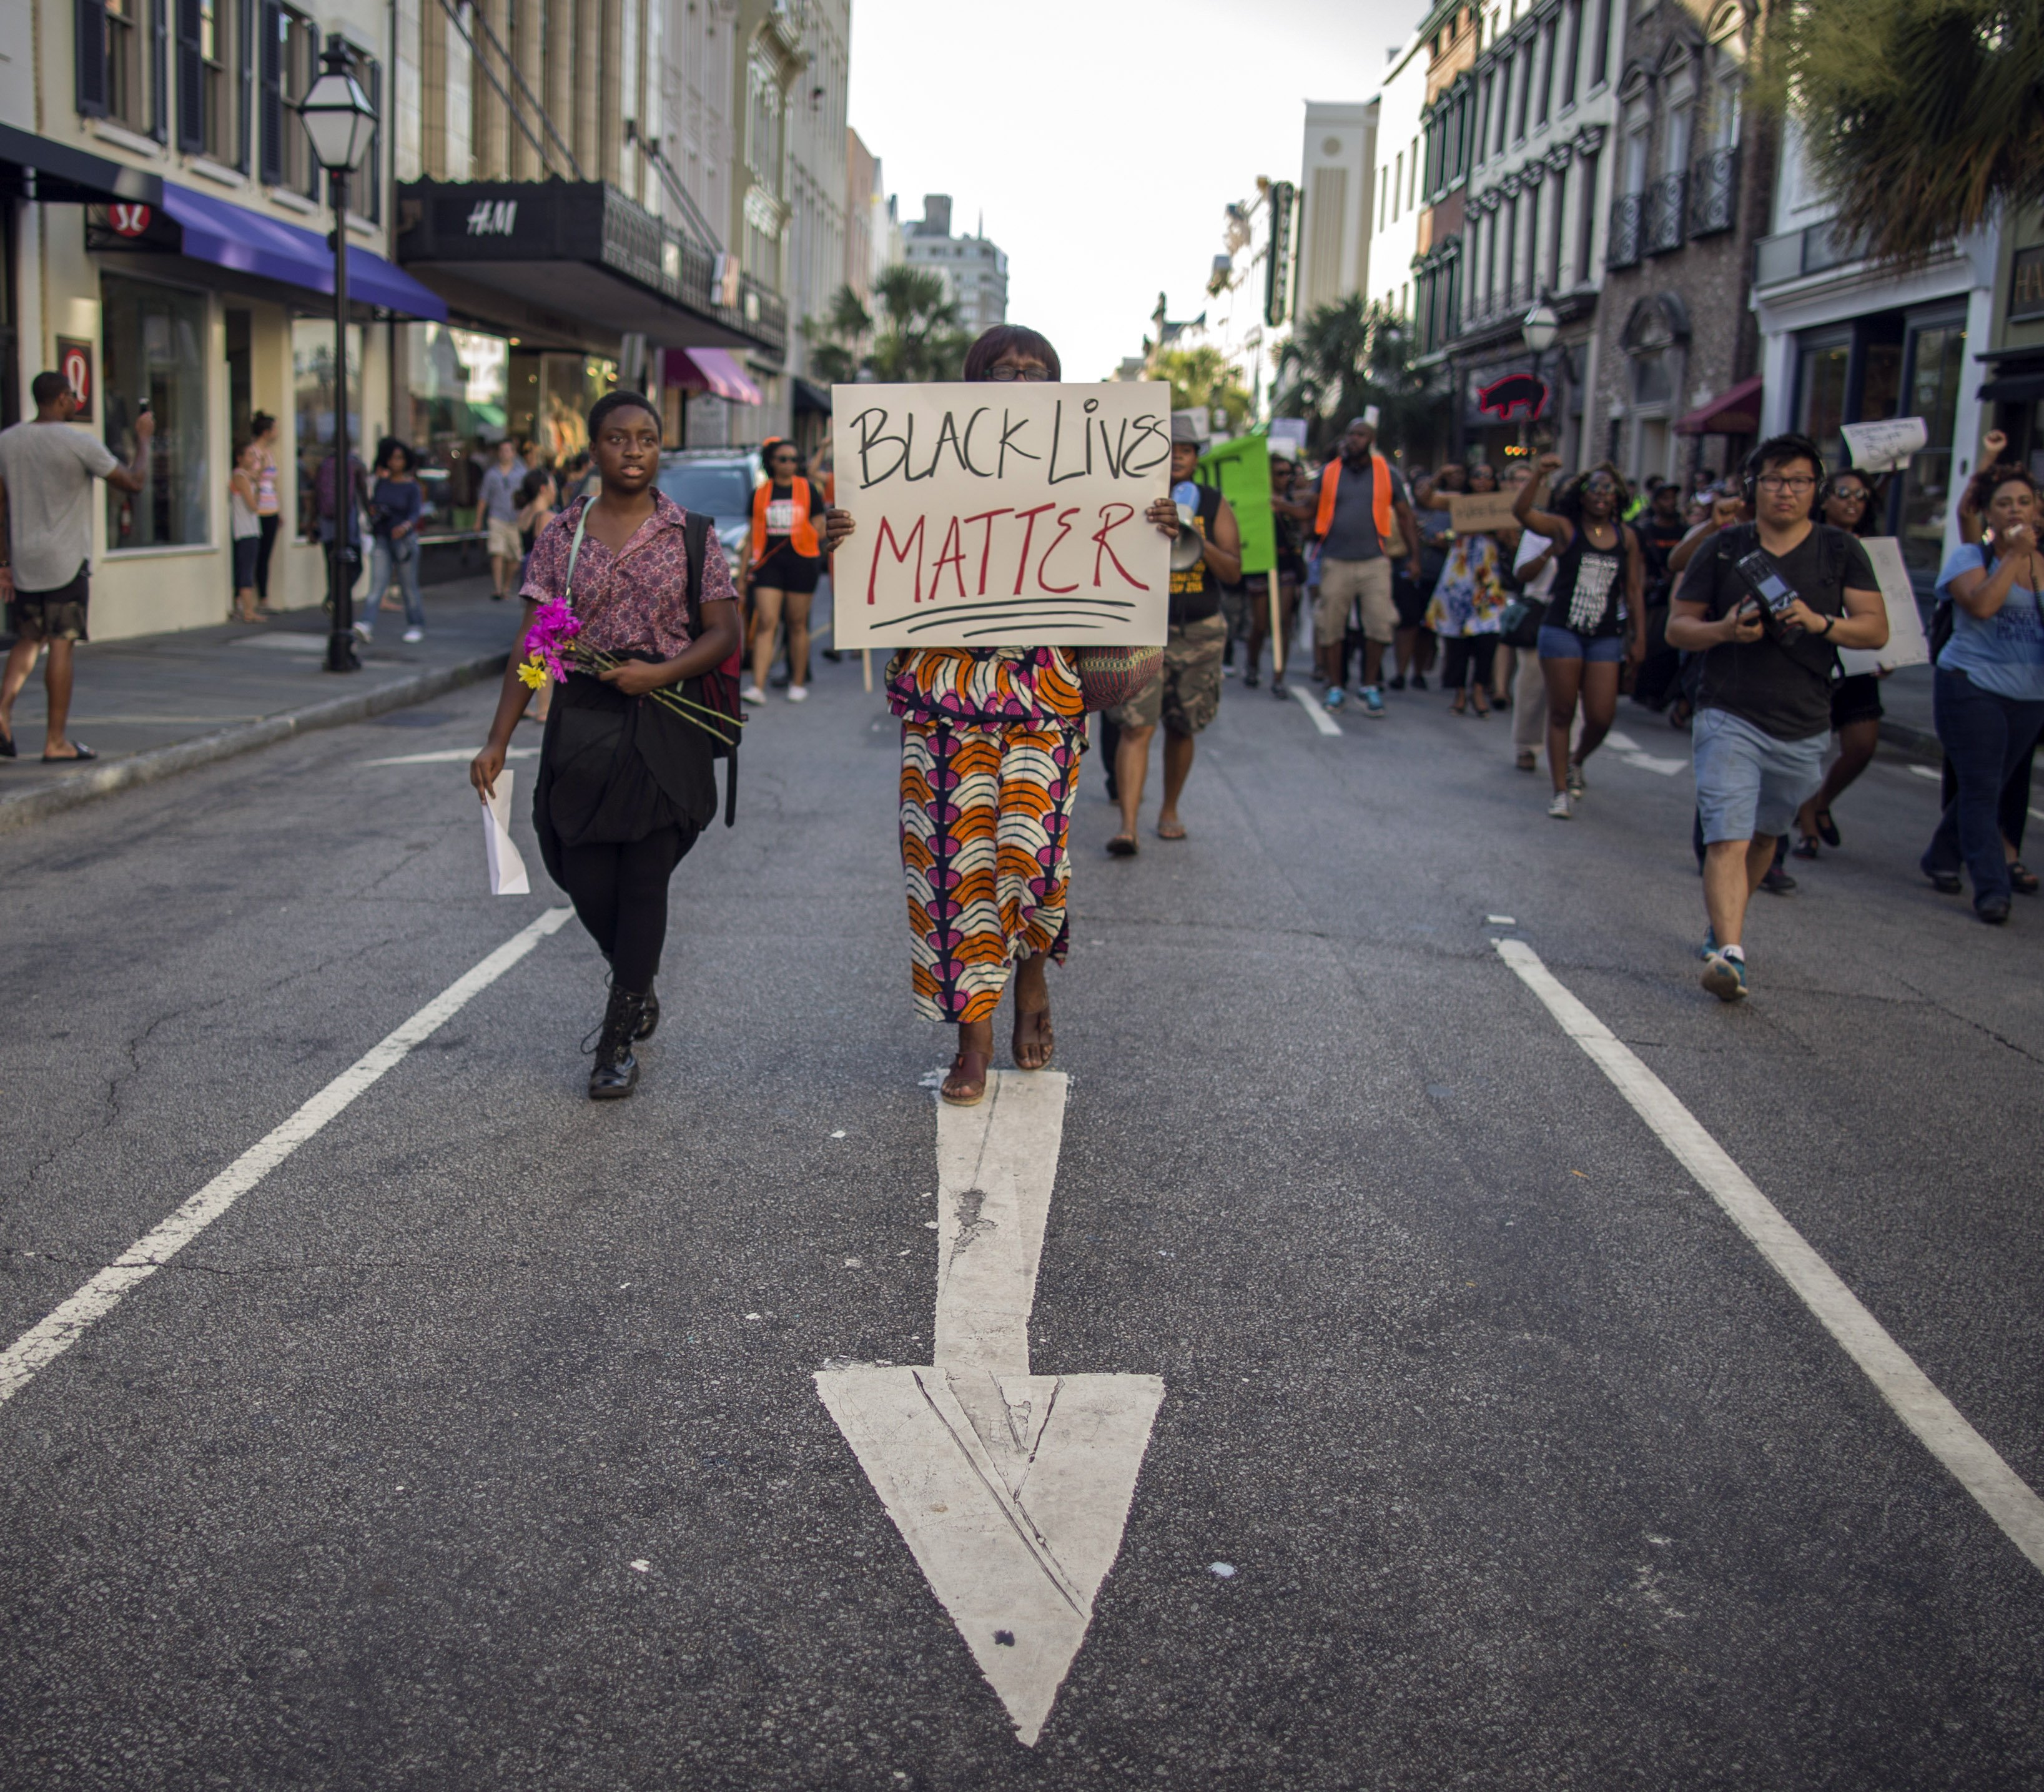 Conservative Backlash Emerges Against Black Lives Matter Movement